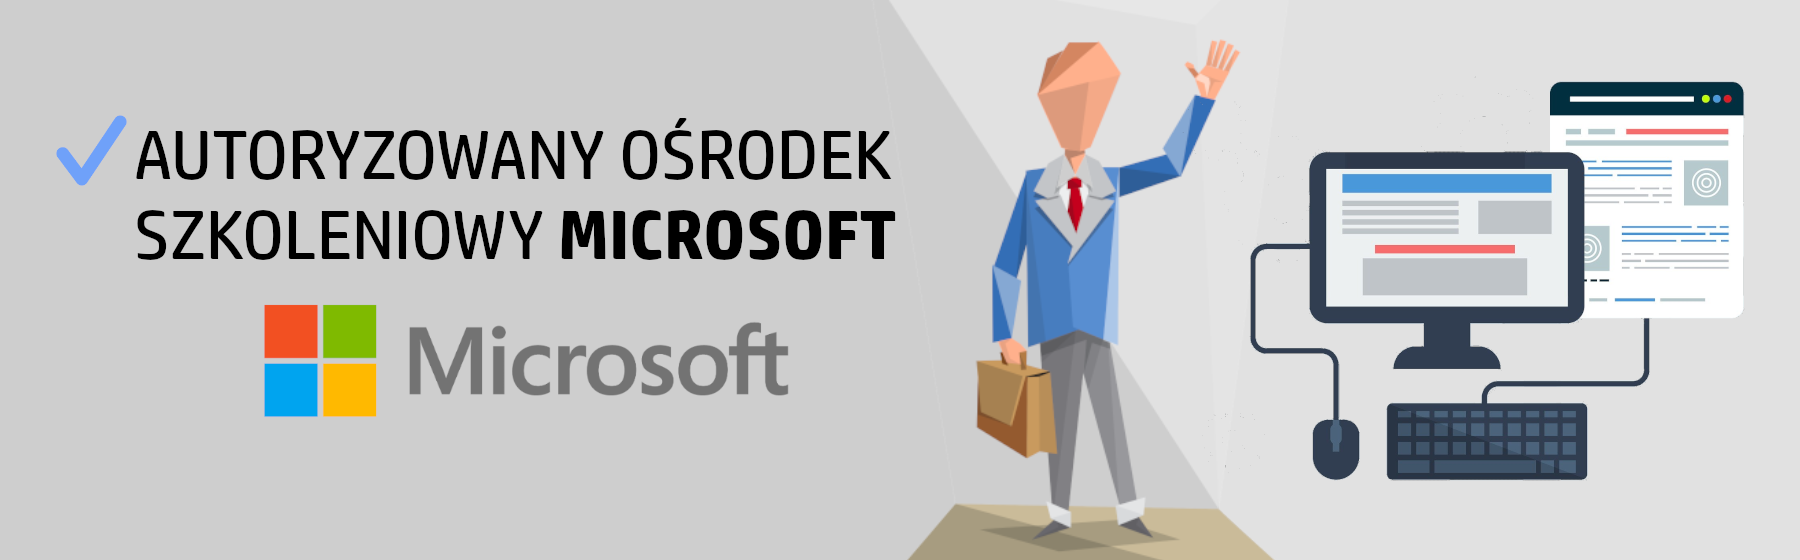 Autoryzowany-ośrodek-Microsoft